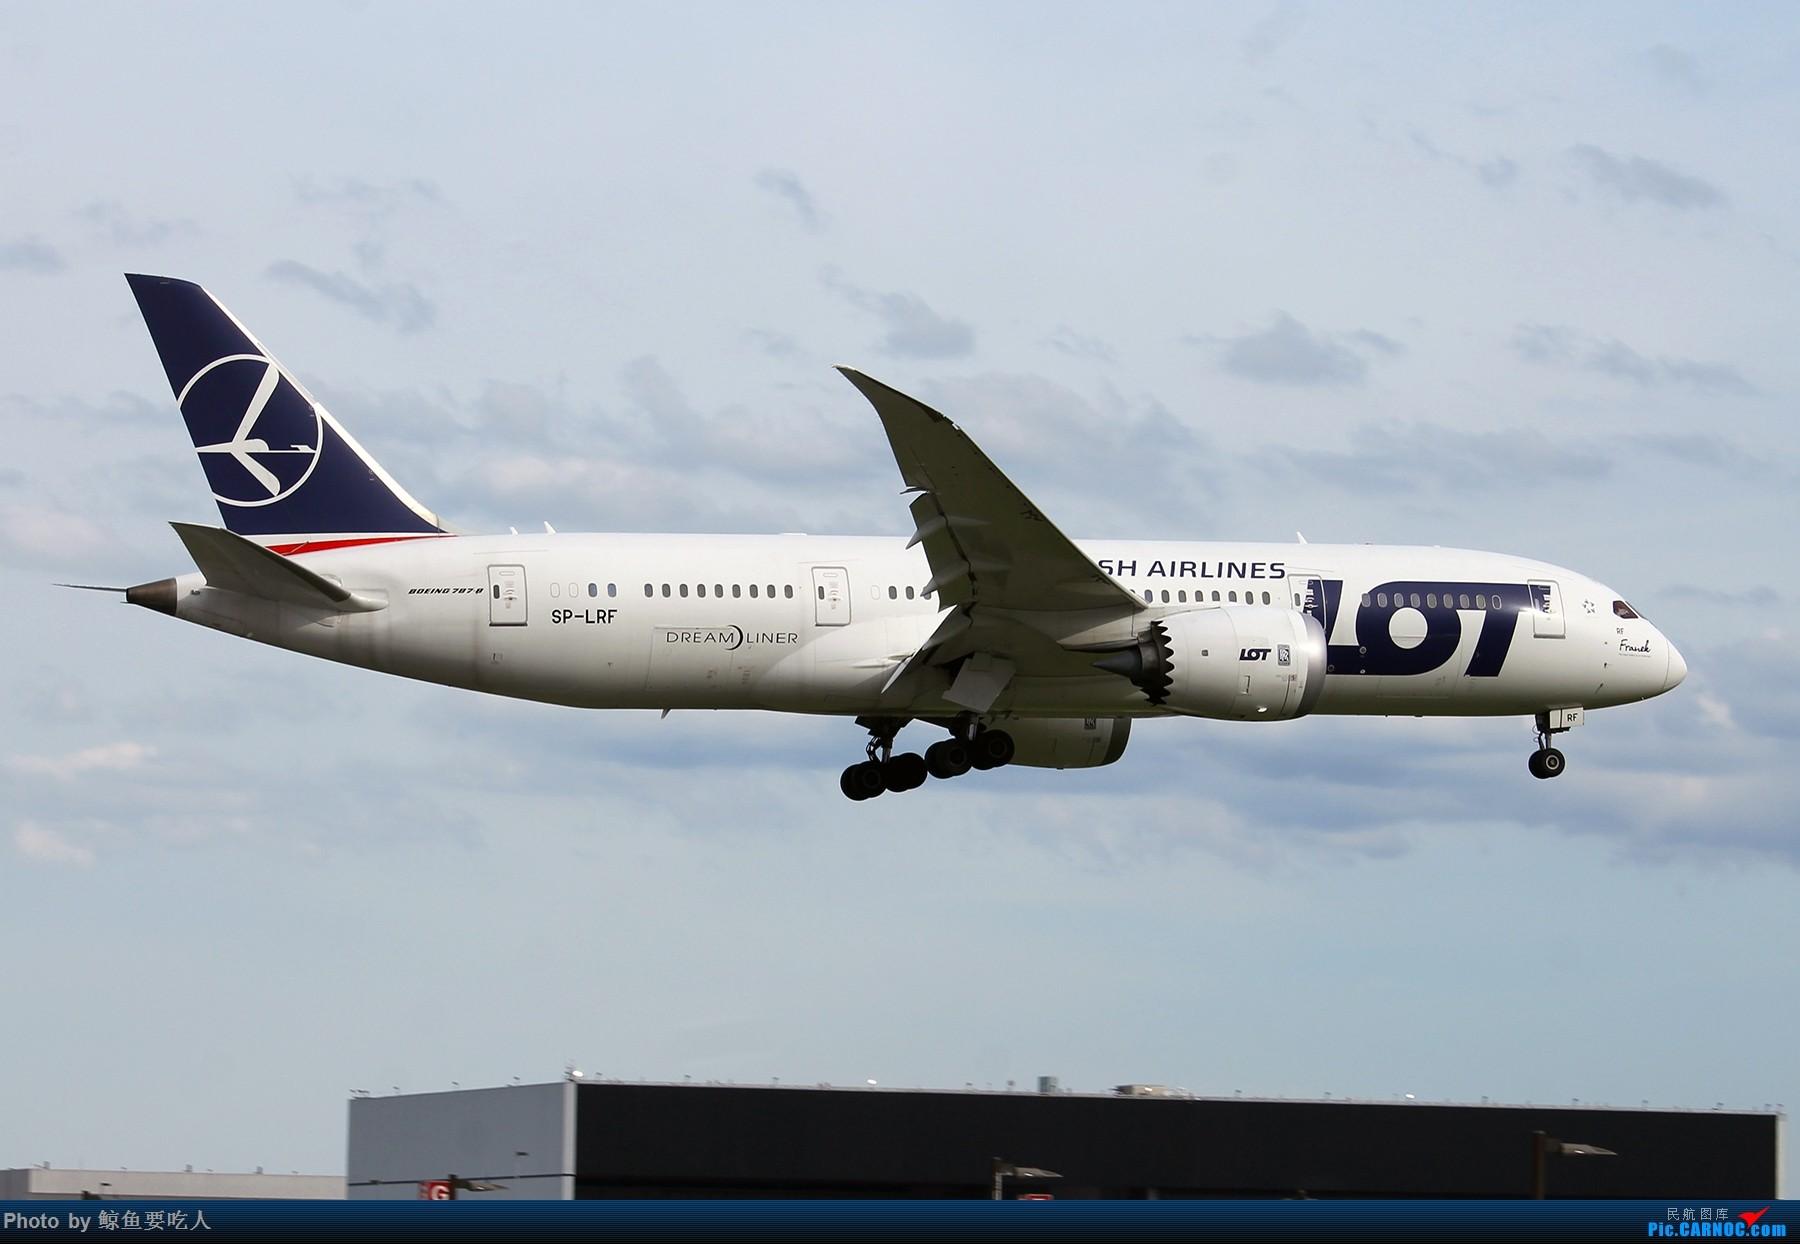 [原创][YYZ] 多伦多皮尔逊国际机场 阴天起降一组~~~ BOEING 787-8 SP-LRF 多伦多皮尔逊国际机场